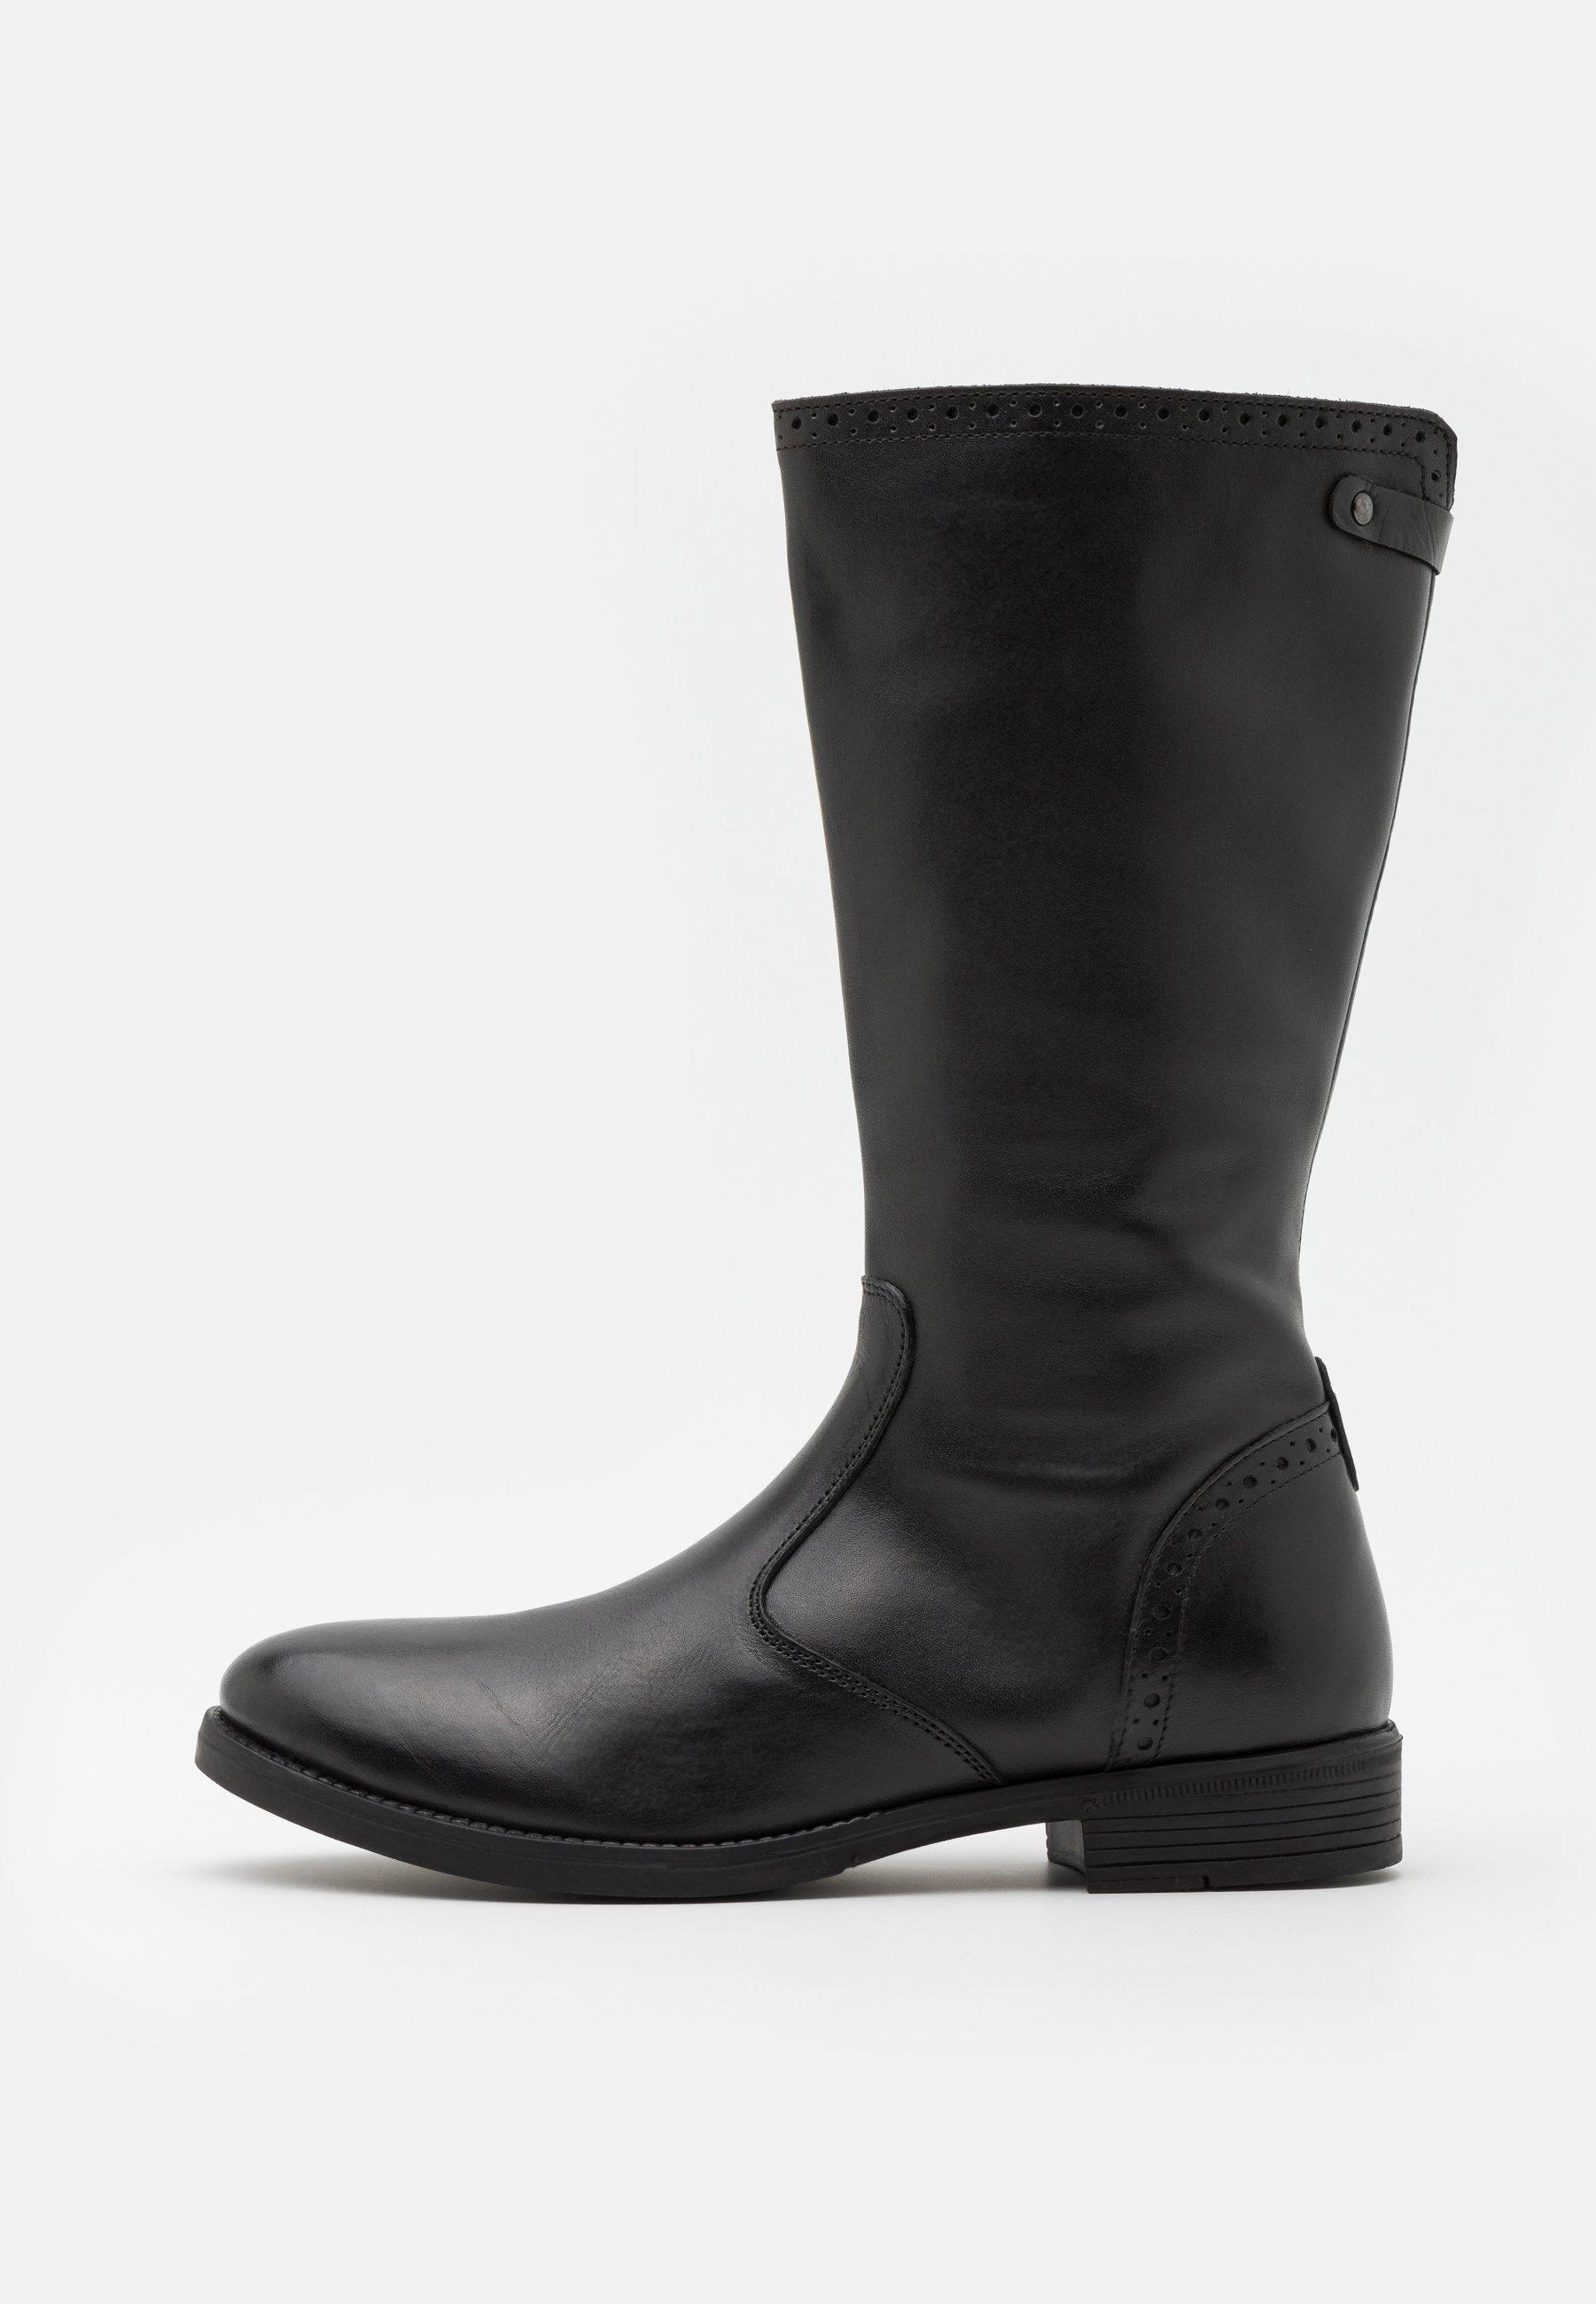 Friboo Klassiska stövlar black Zalando.se